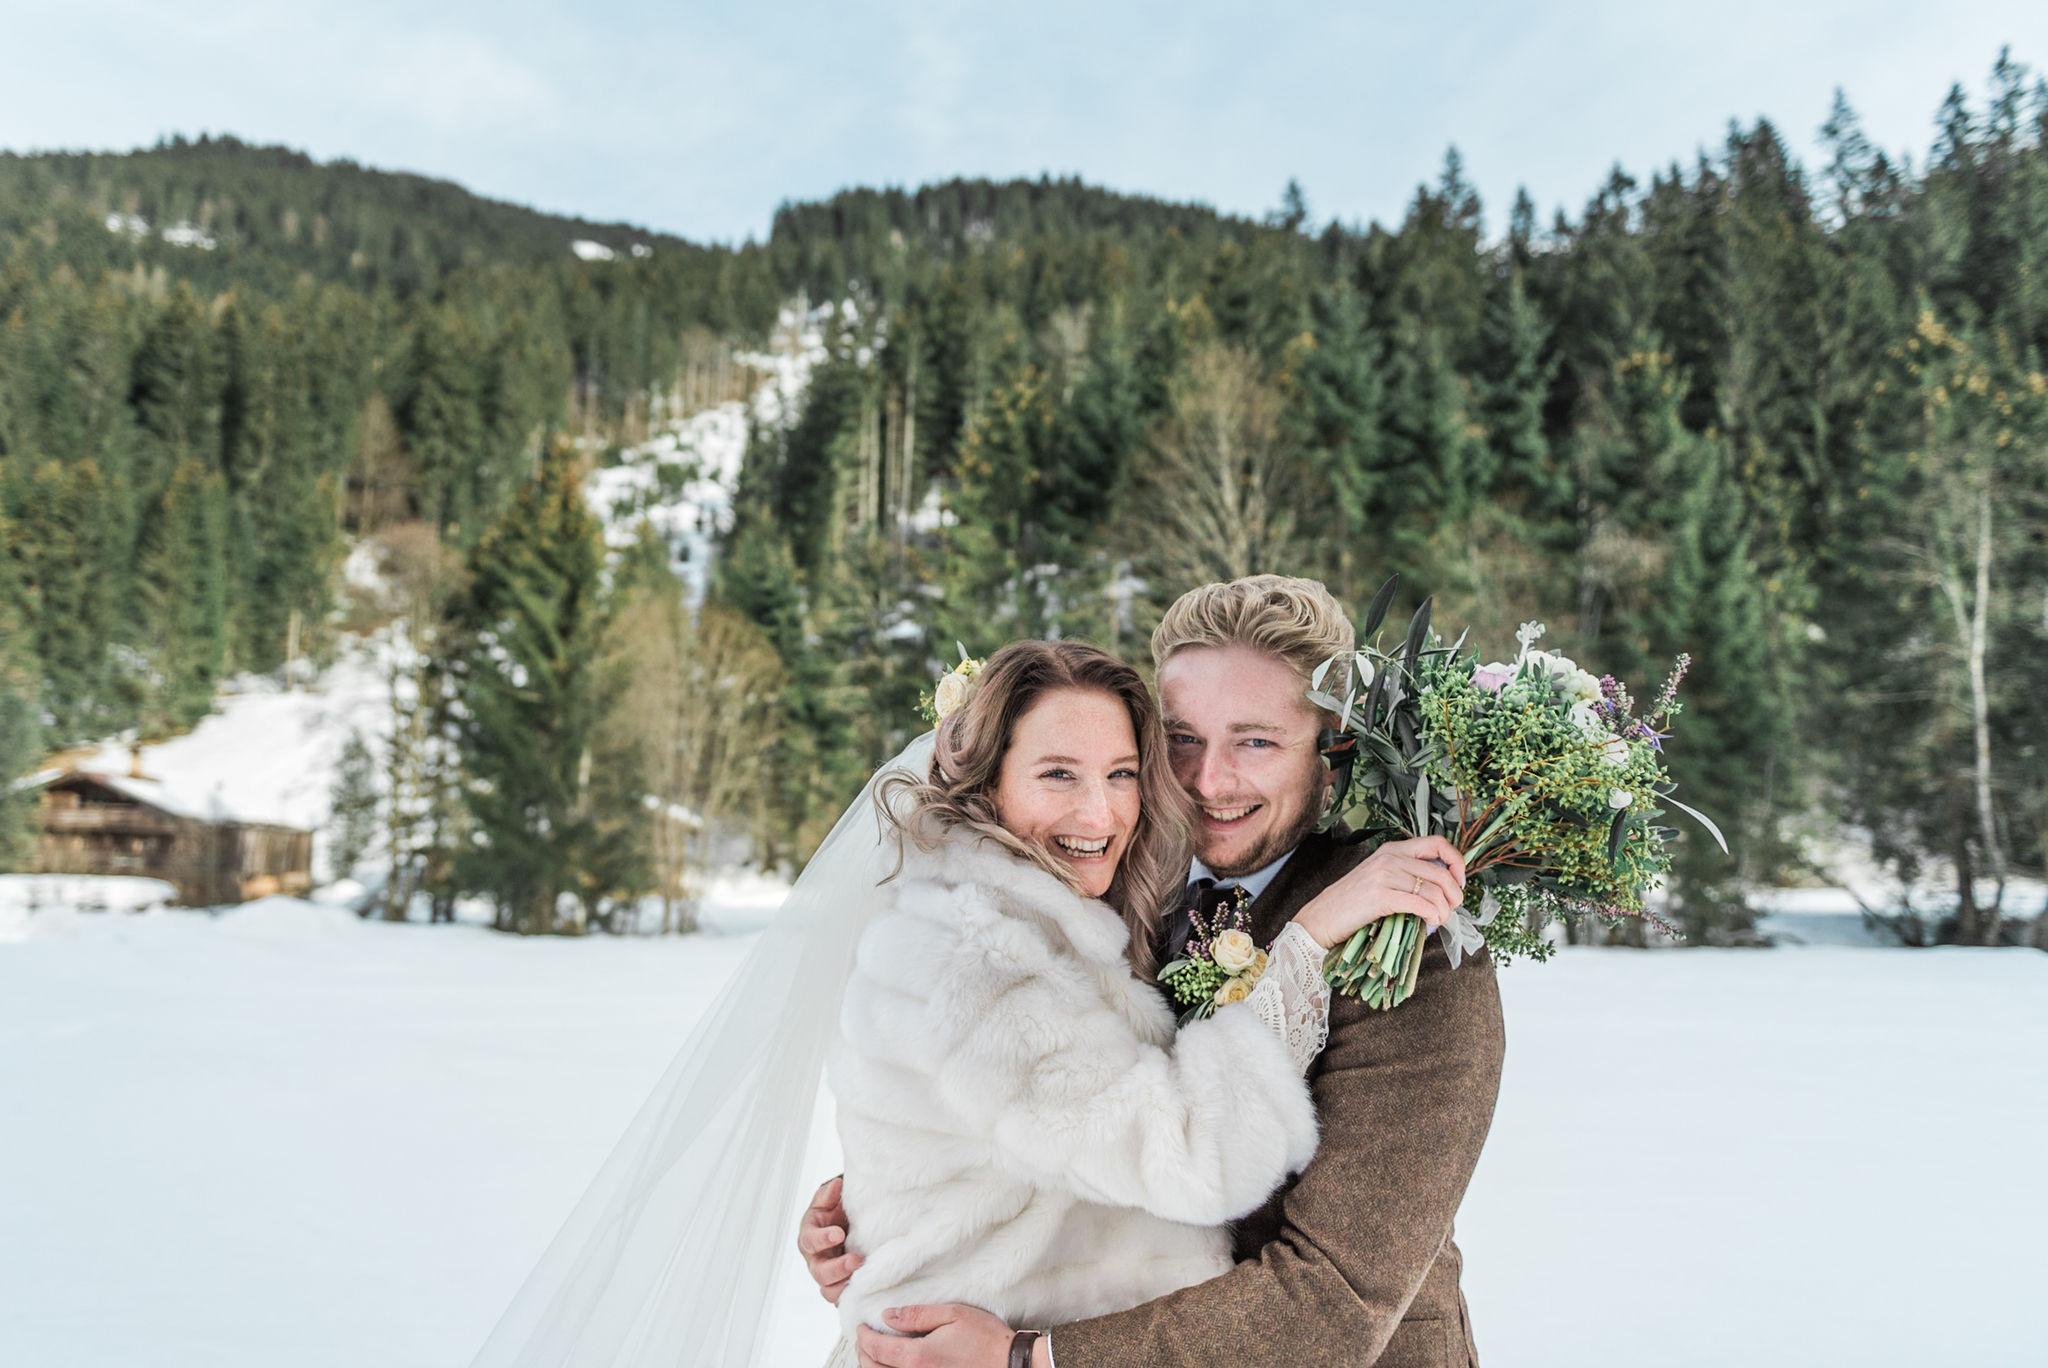 Bruidspaar met een bruidsboeket voor besneeuwde bergen tijdens hun bruiloft in Oostenrijk